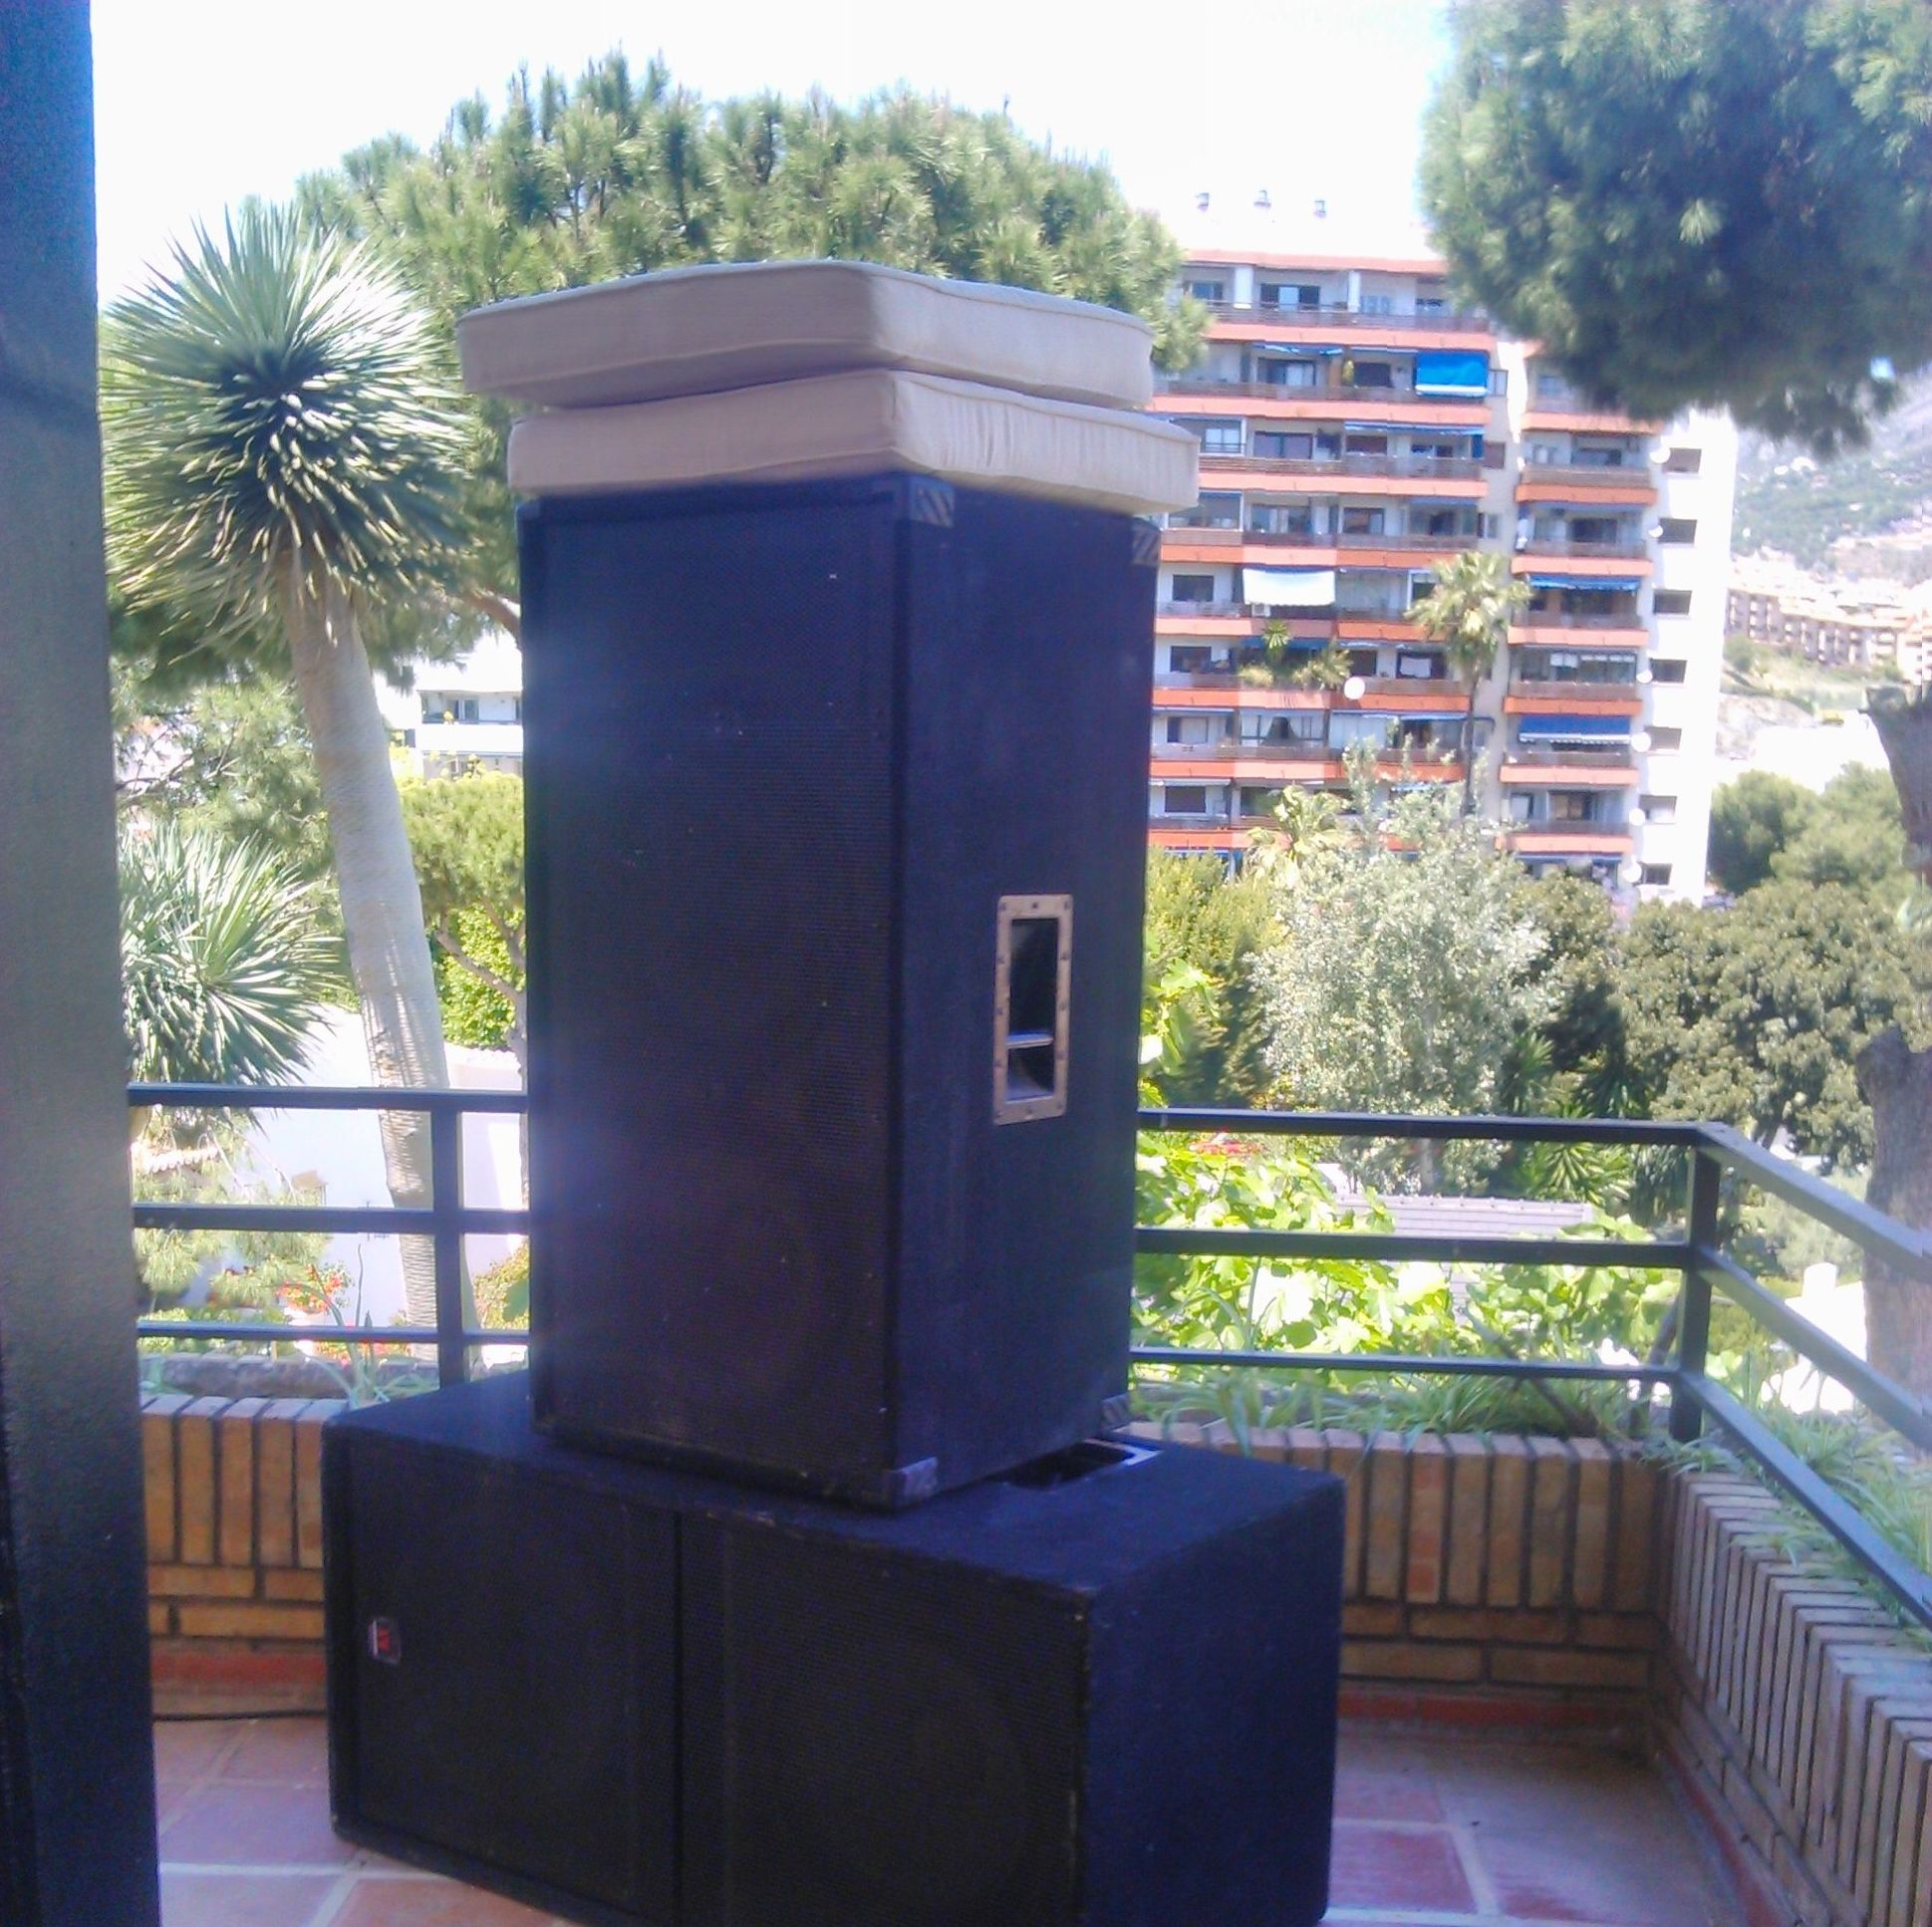 Alquiler de altavoces en Málaga